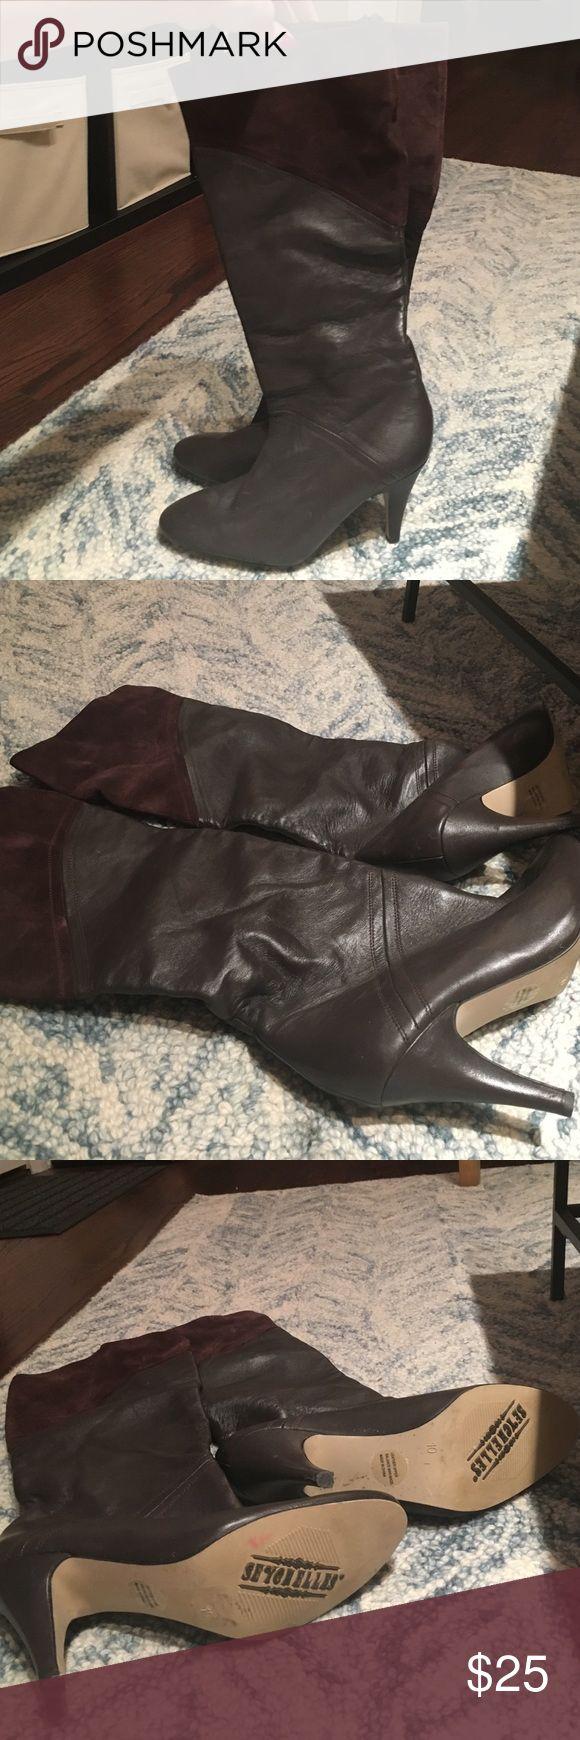 Seychelles Brown Heeled Boots Dark brown leather and suede heeled boots from Seychelles. Minimal wear. Seychelles Shoes Heeled Boots